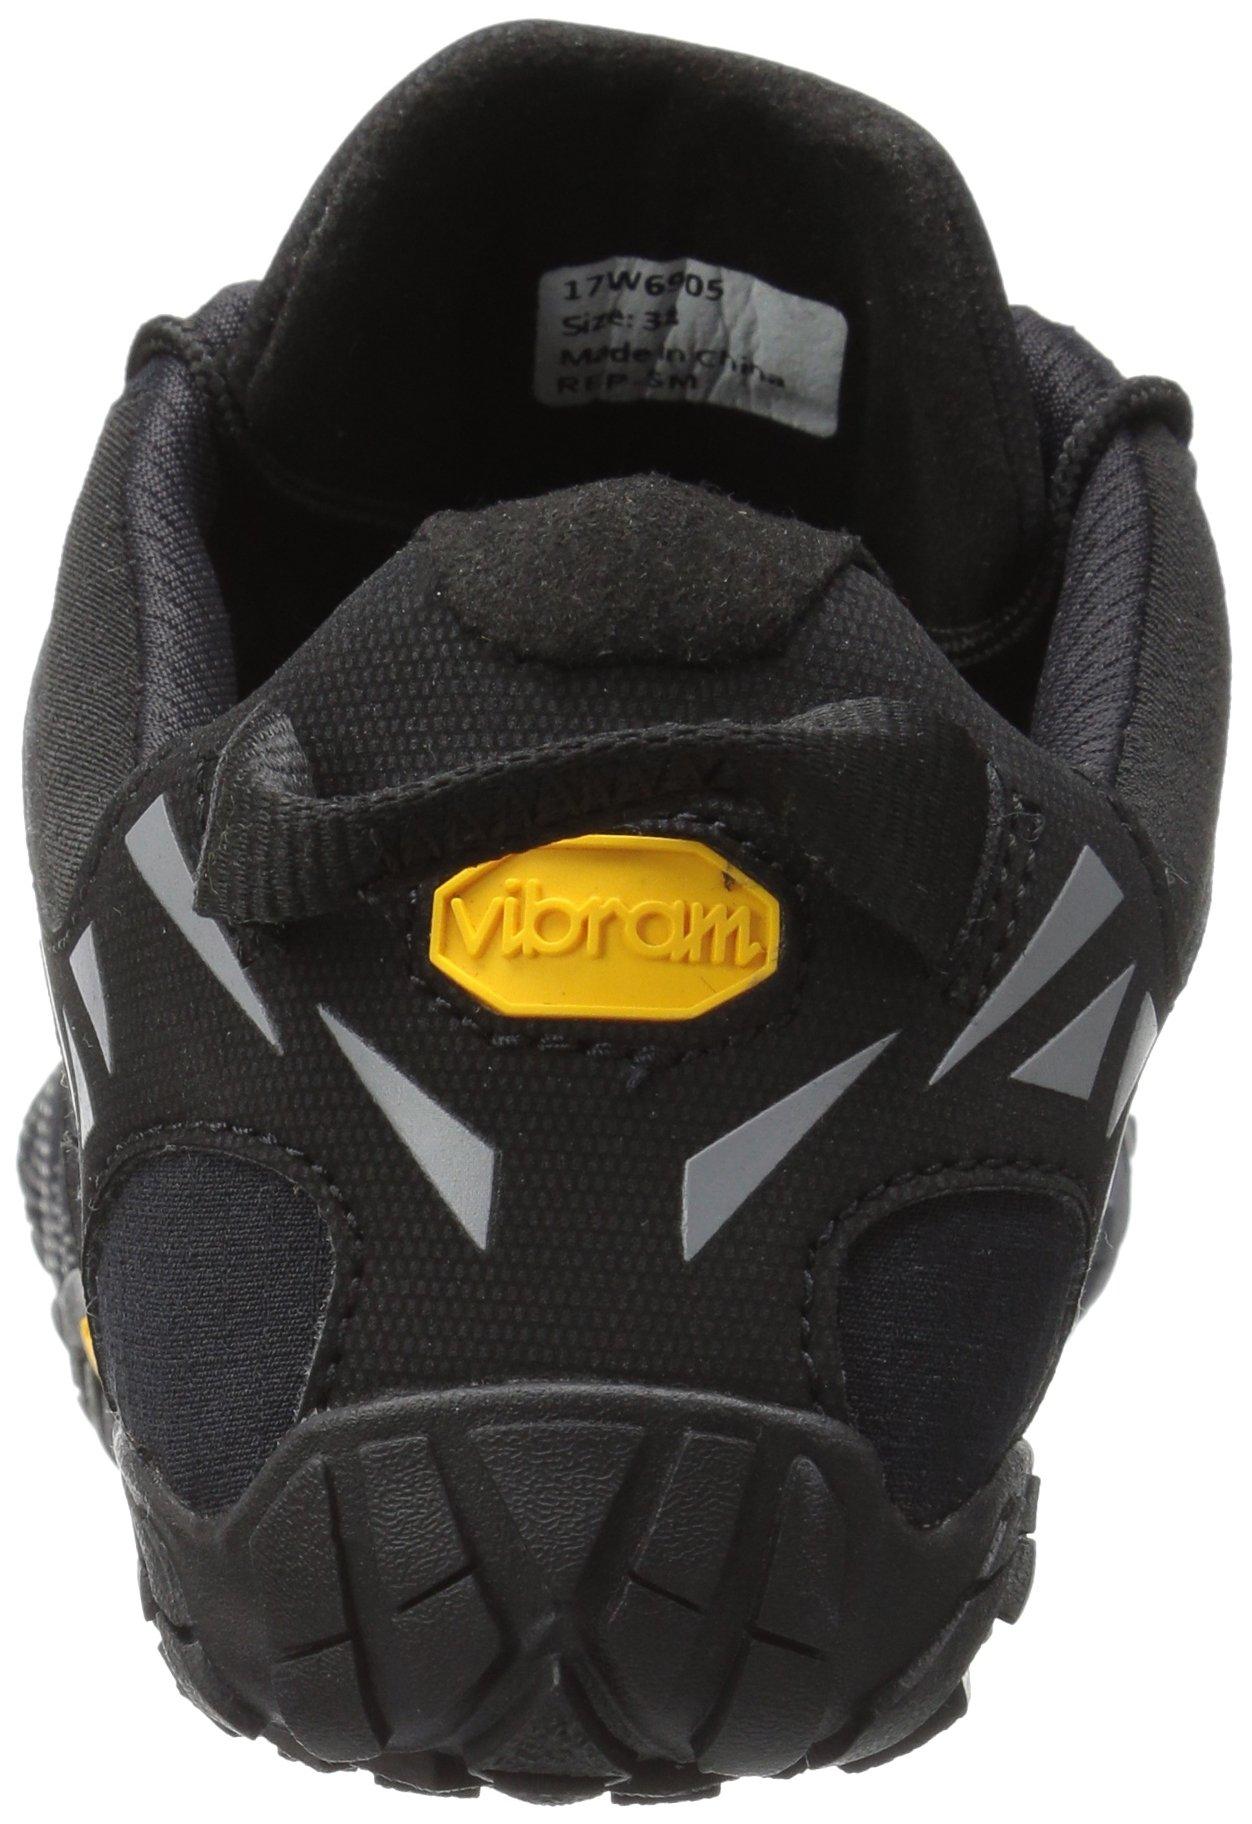 Vibram Women's V Trail Runner, Black/Grey, 41 EU/9 M US by Vibram (Image #2)